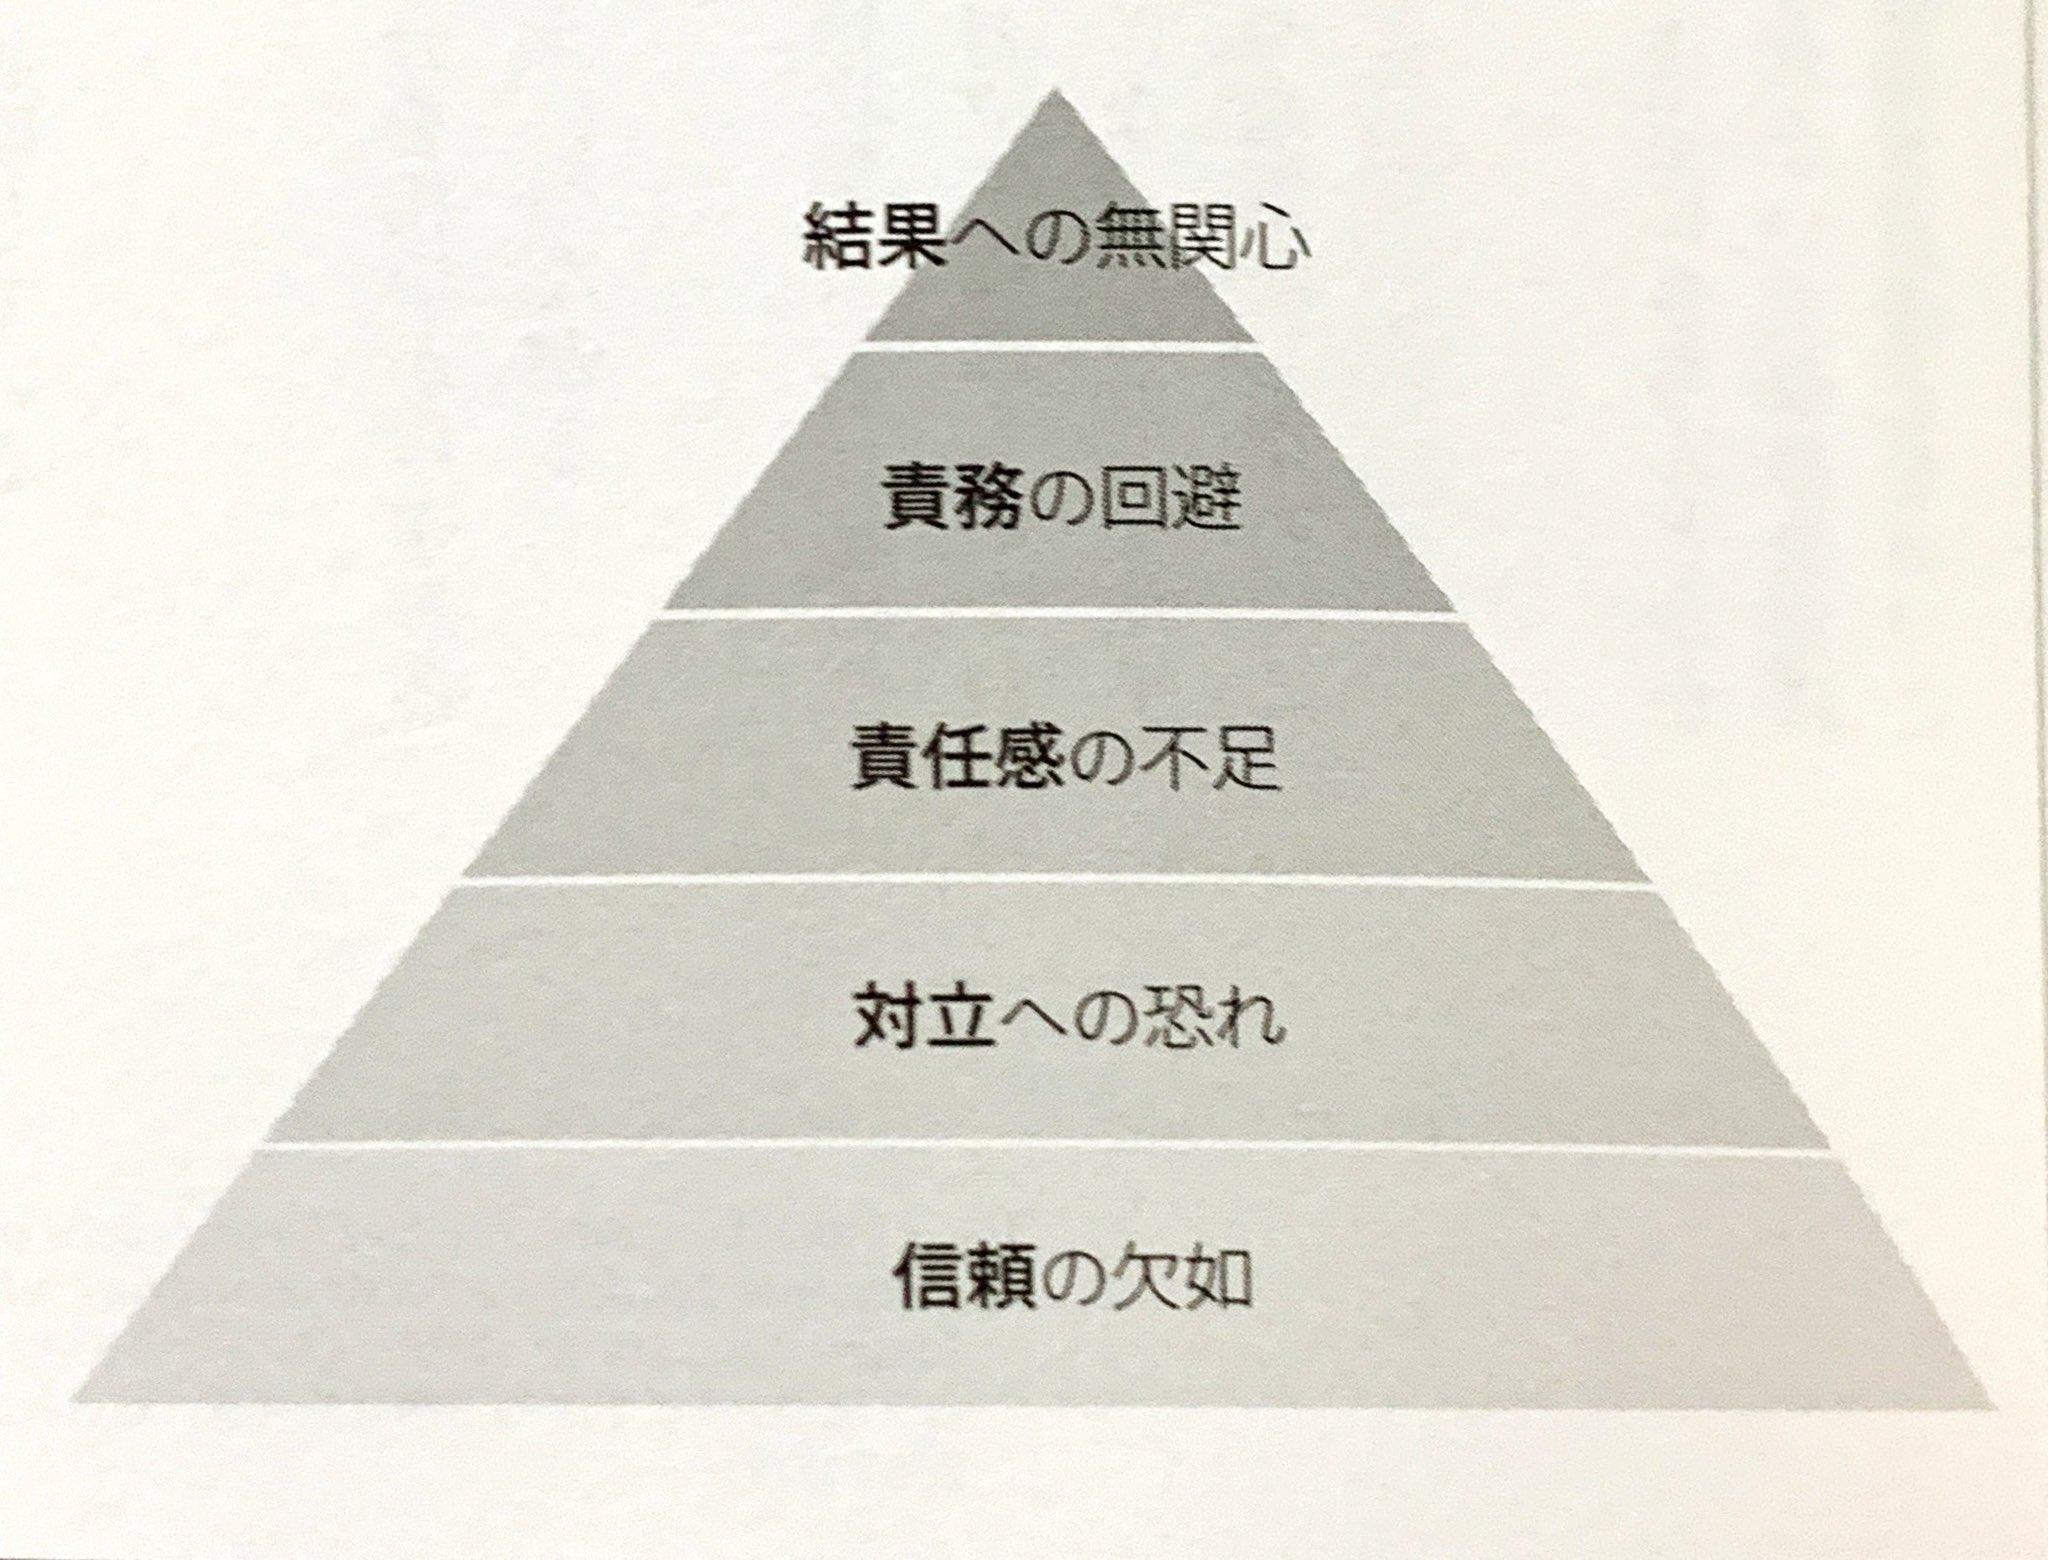 チームが機能不全に陥る5つの原因。全ての始まりは信頼の欠如から・・・。